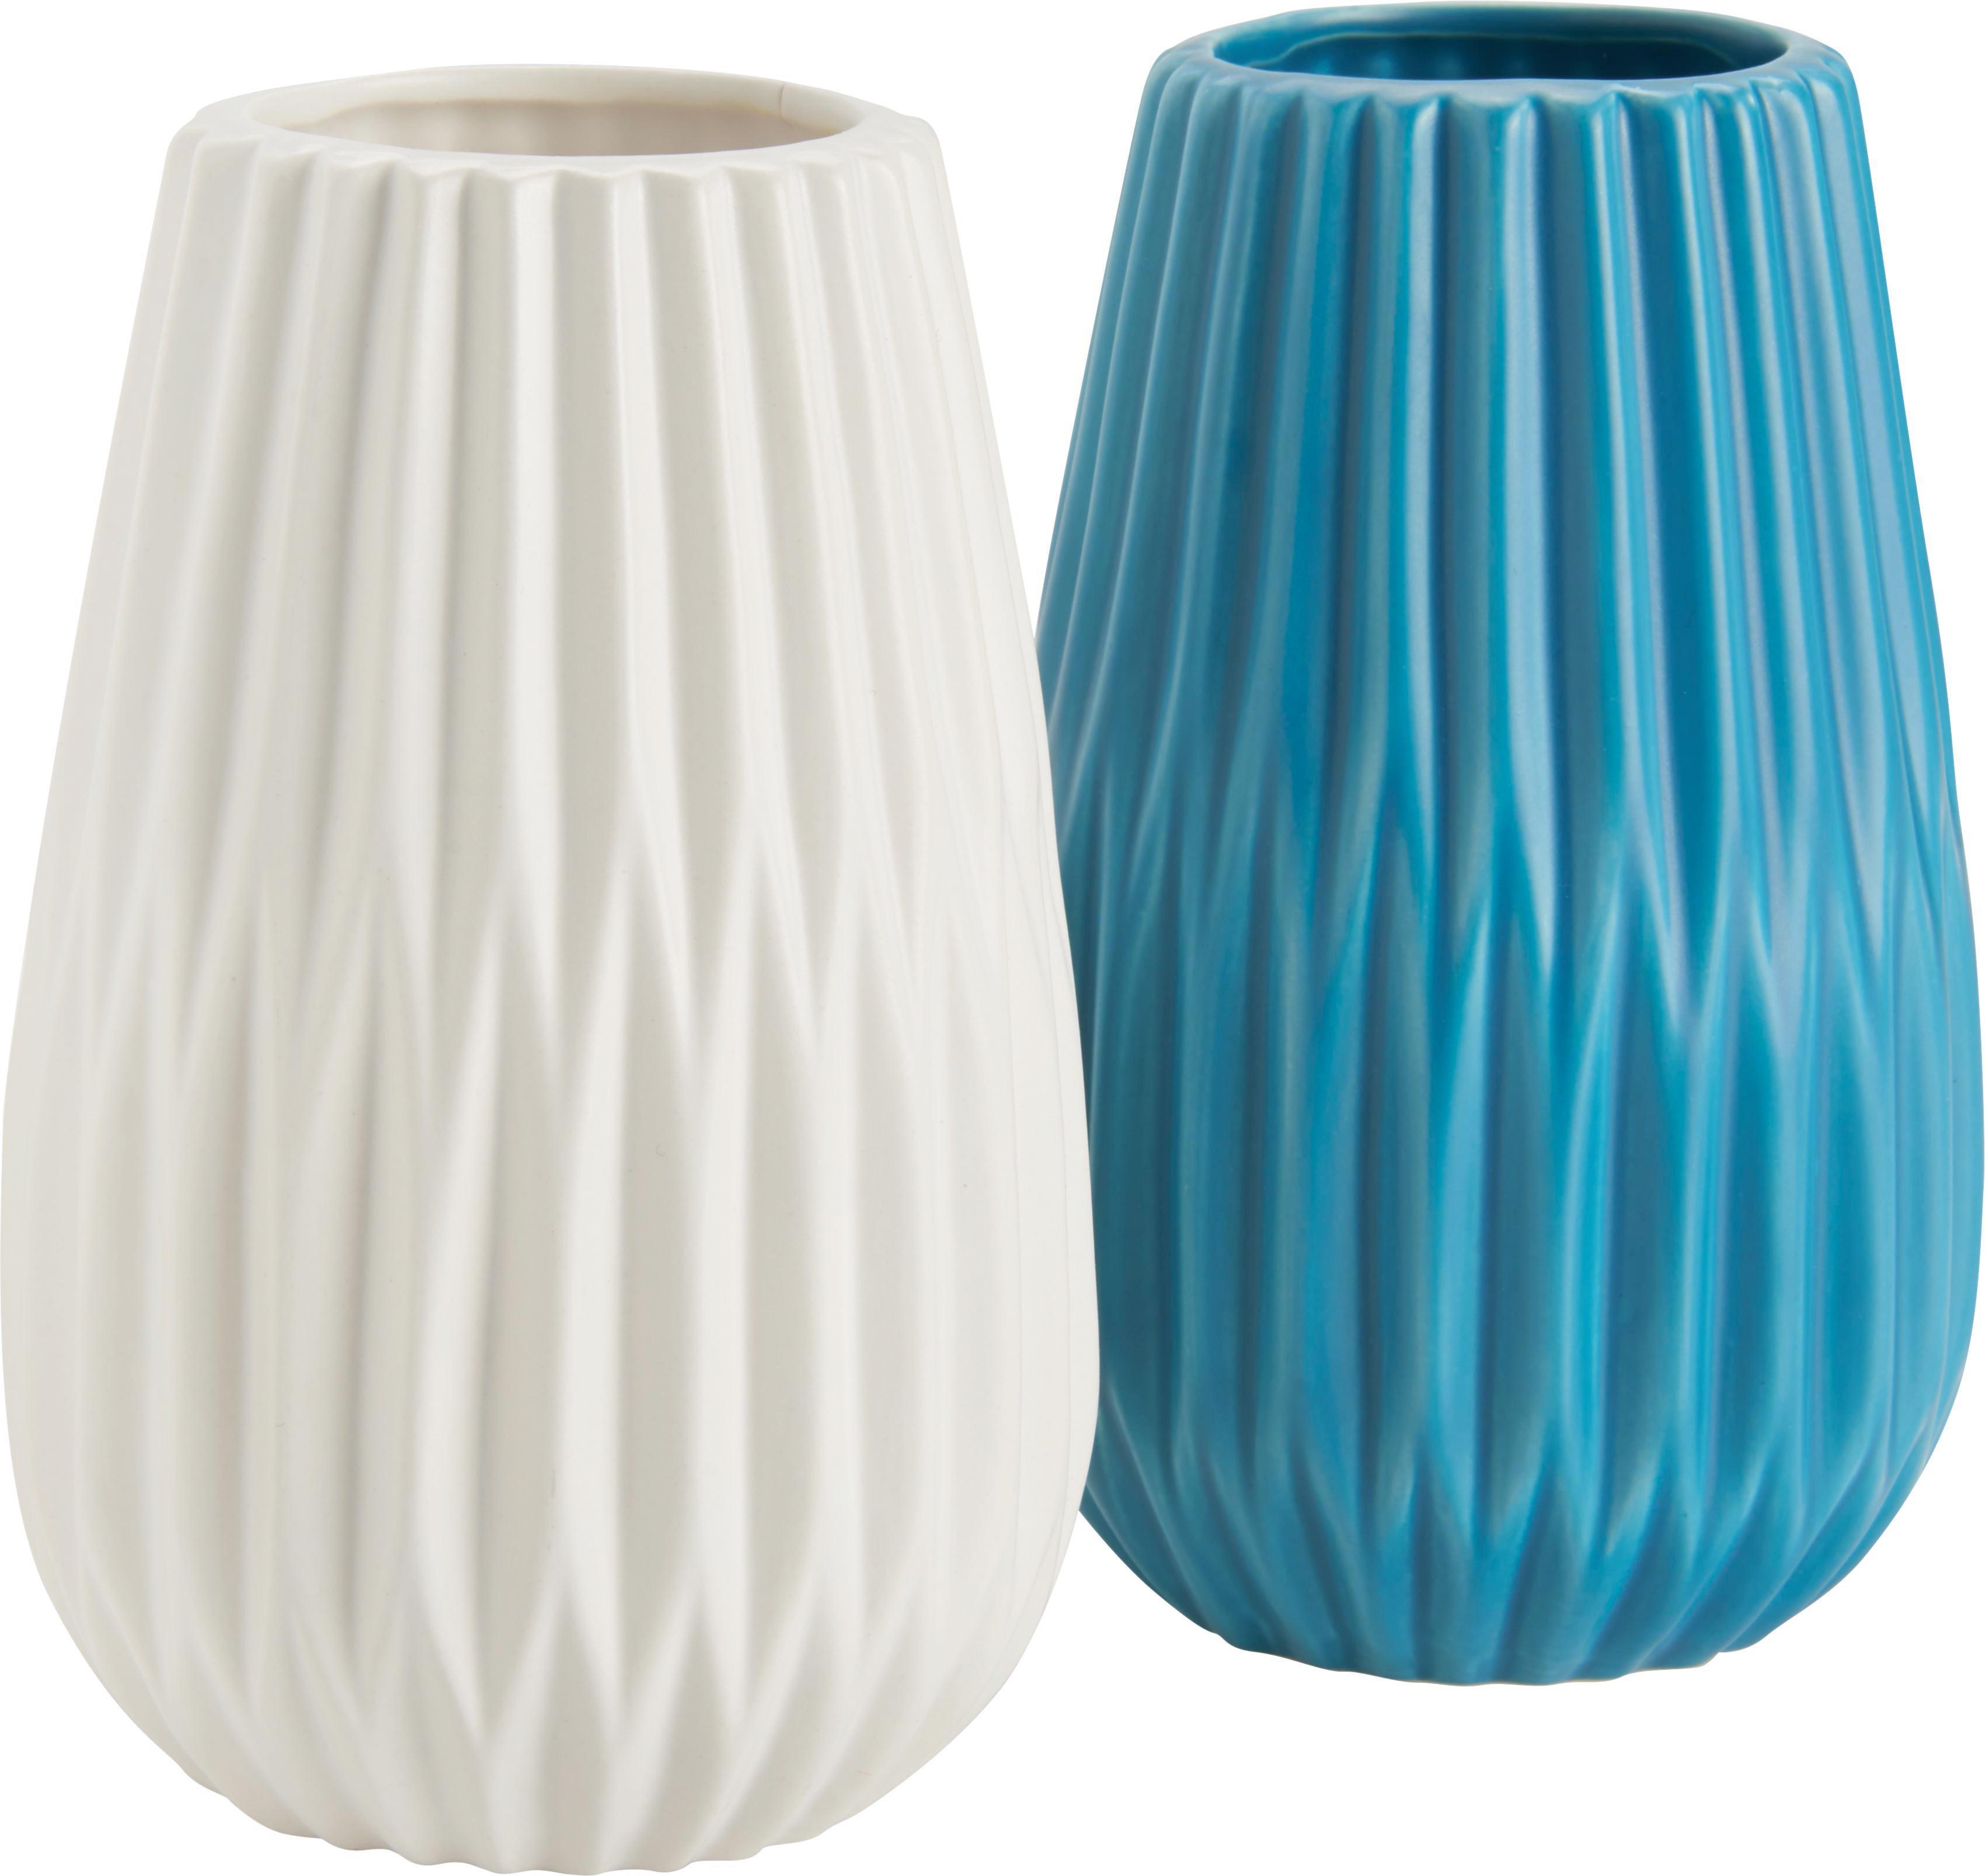 Vase Livia in Weiß/Türkis - Türkis/Weiß, Keramik (12/18,5cm) - MÖMAX modern living